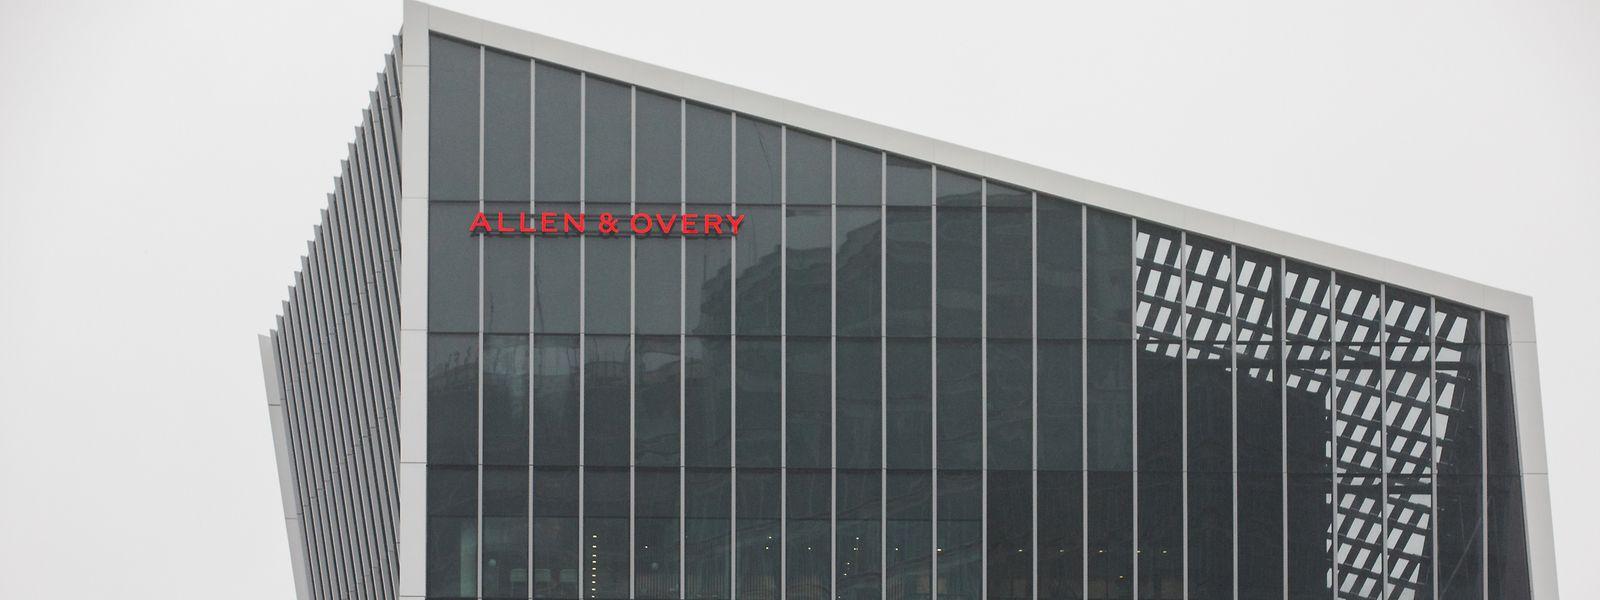 Installé depuis 1990 au Luxembourg, le cabinet Allen & Overy occupe aujourd'hui les bureaux du complexe Infinity au Kirchberg